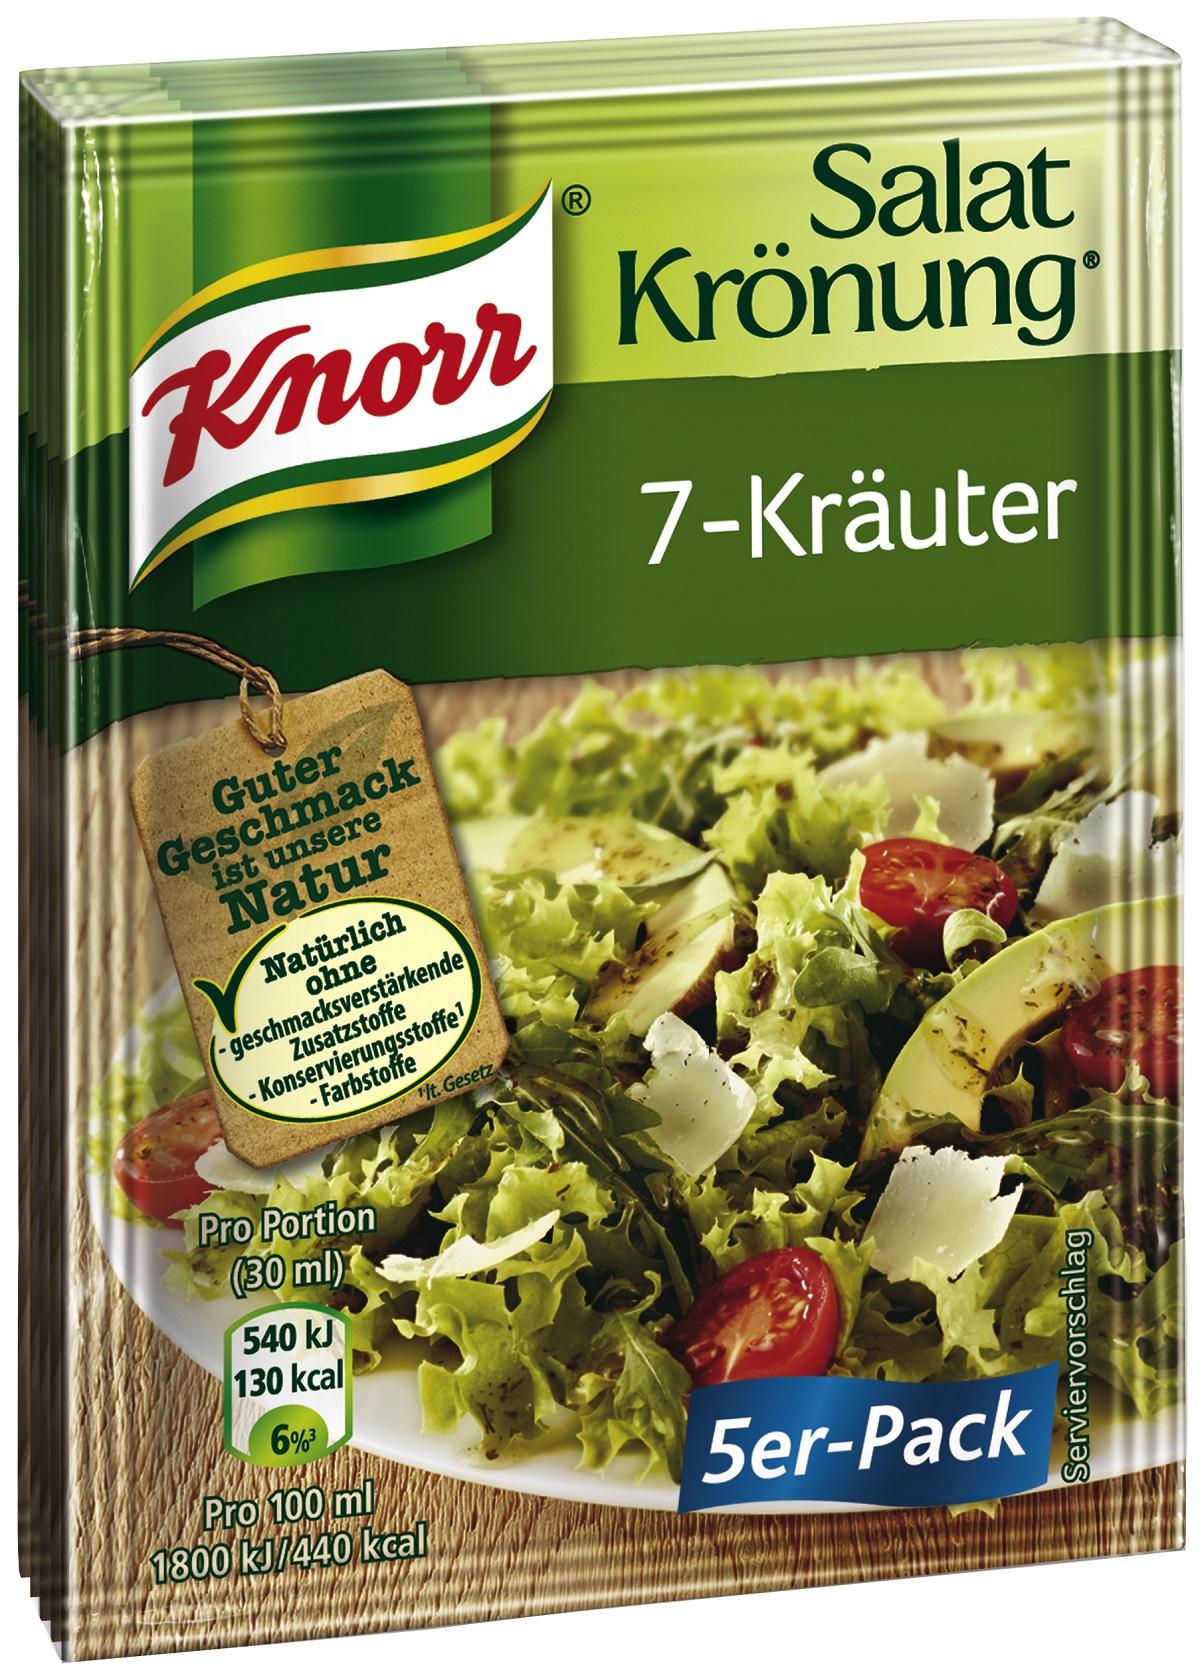 edeka24 knorr salatkr nung 7 kr uter online kaufen. Black Bedroom Furniture Sets. Home Design Ideas